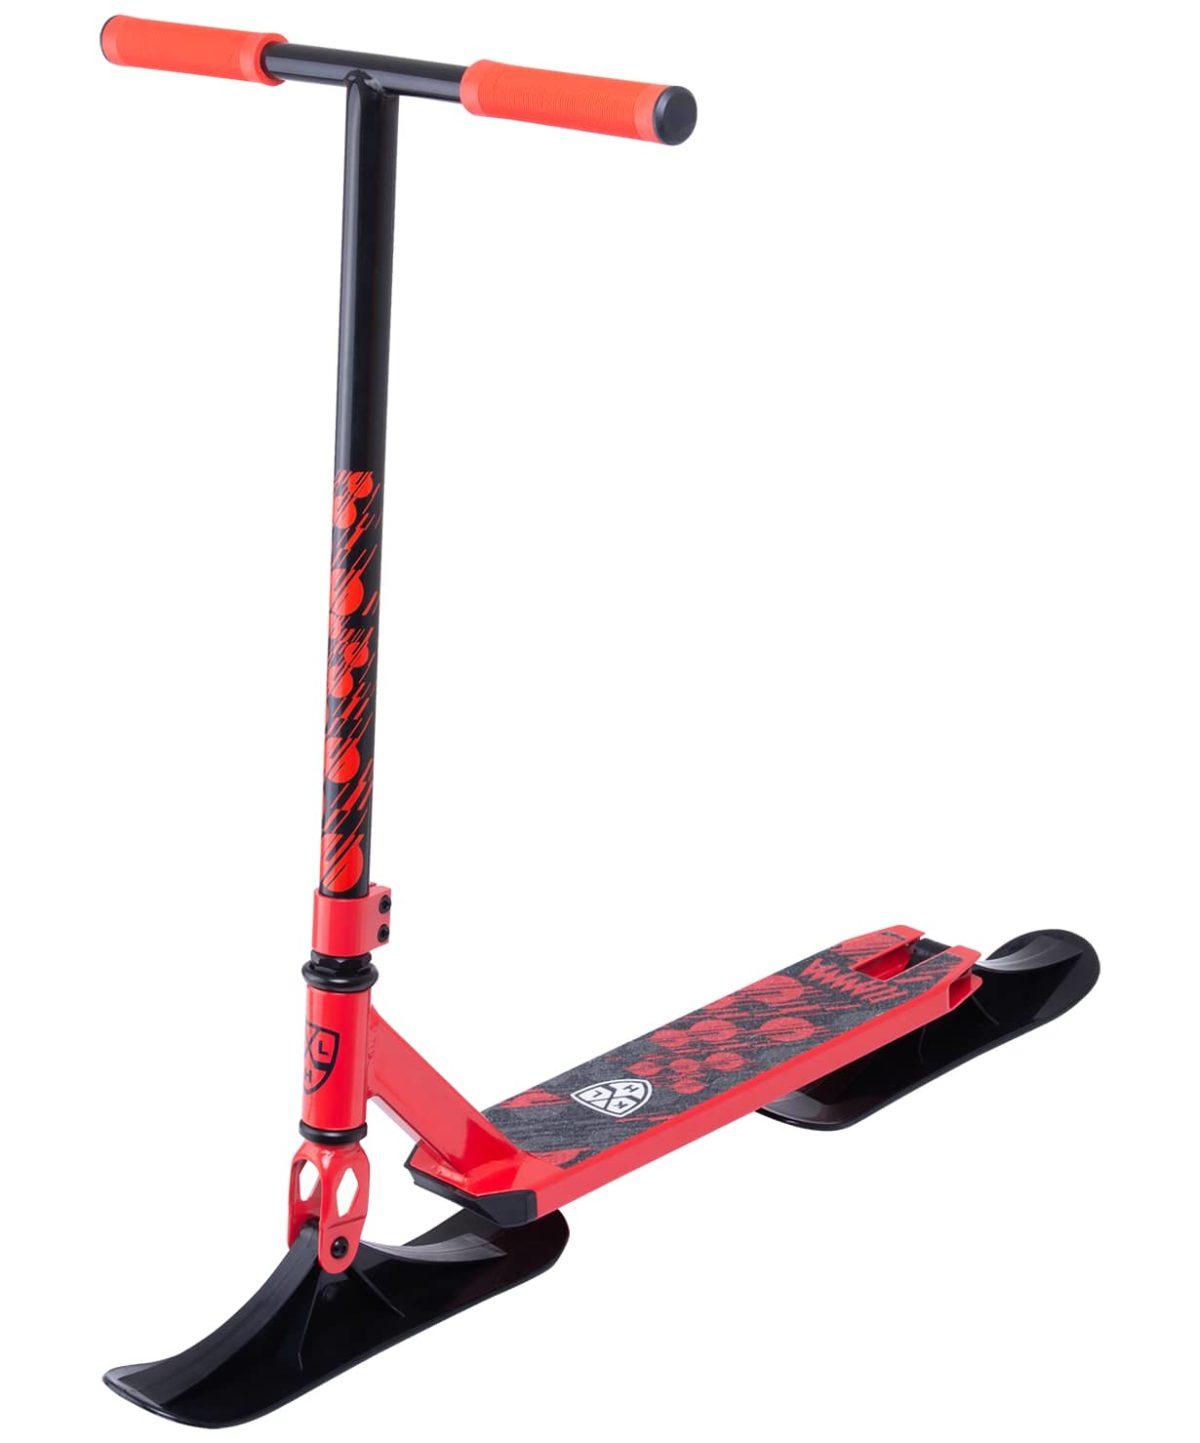 KHL Снегокат трюковый Flamma  18244 - 1